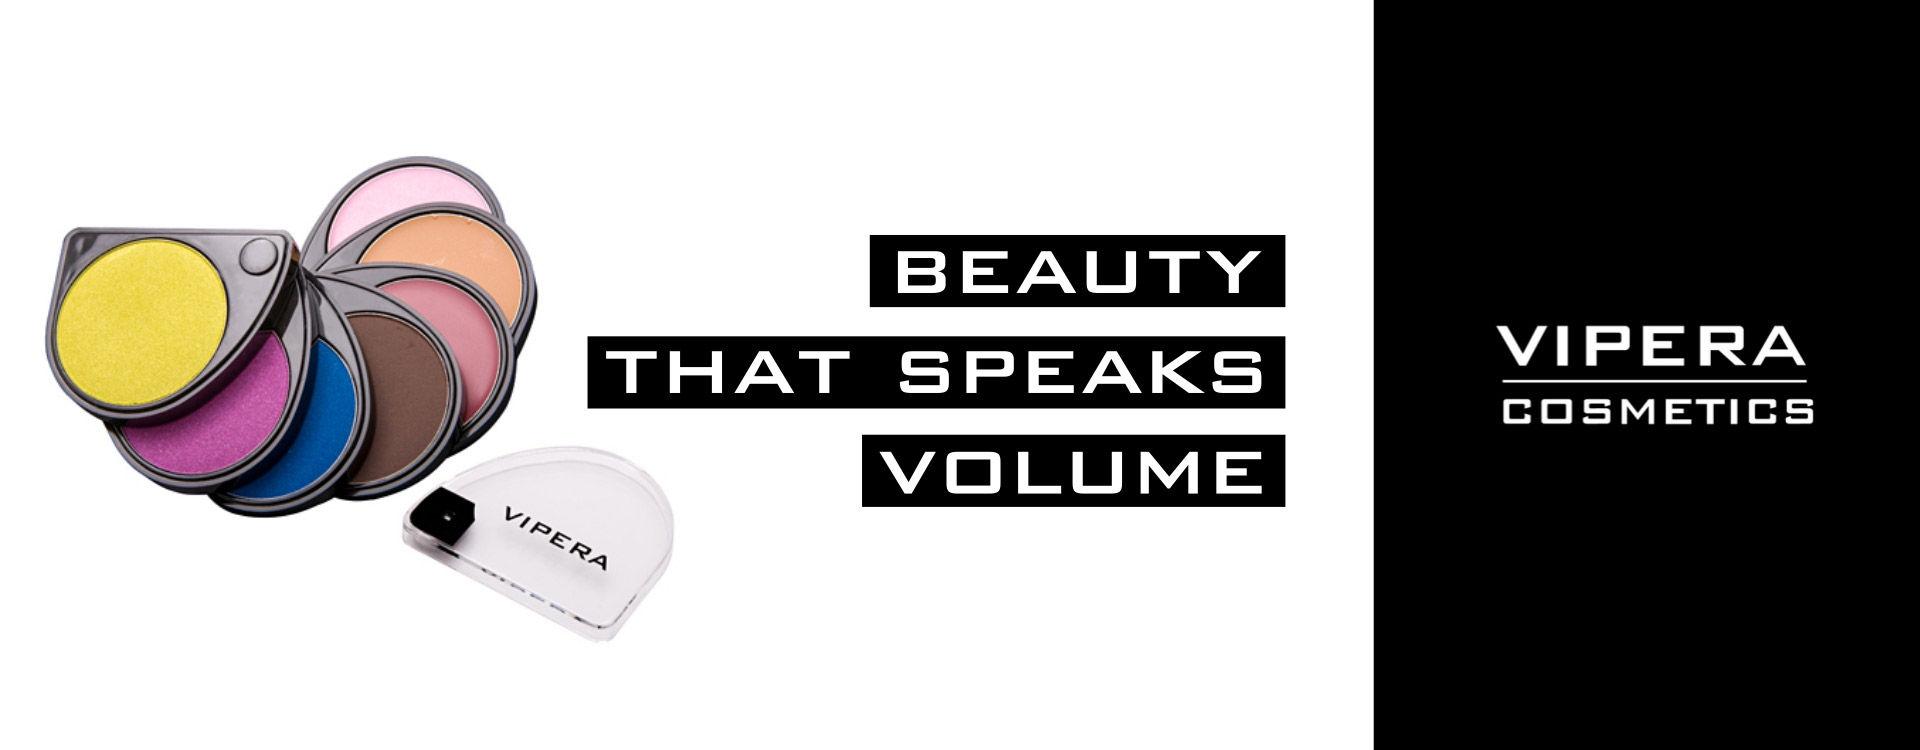 Vipera Cosmetics - Gloss Valencia